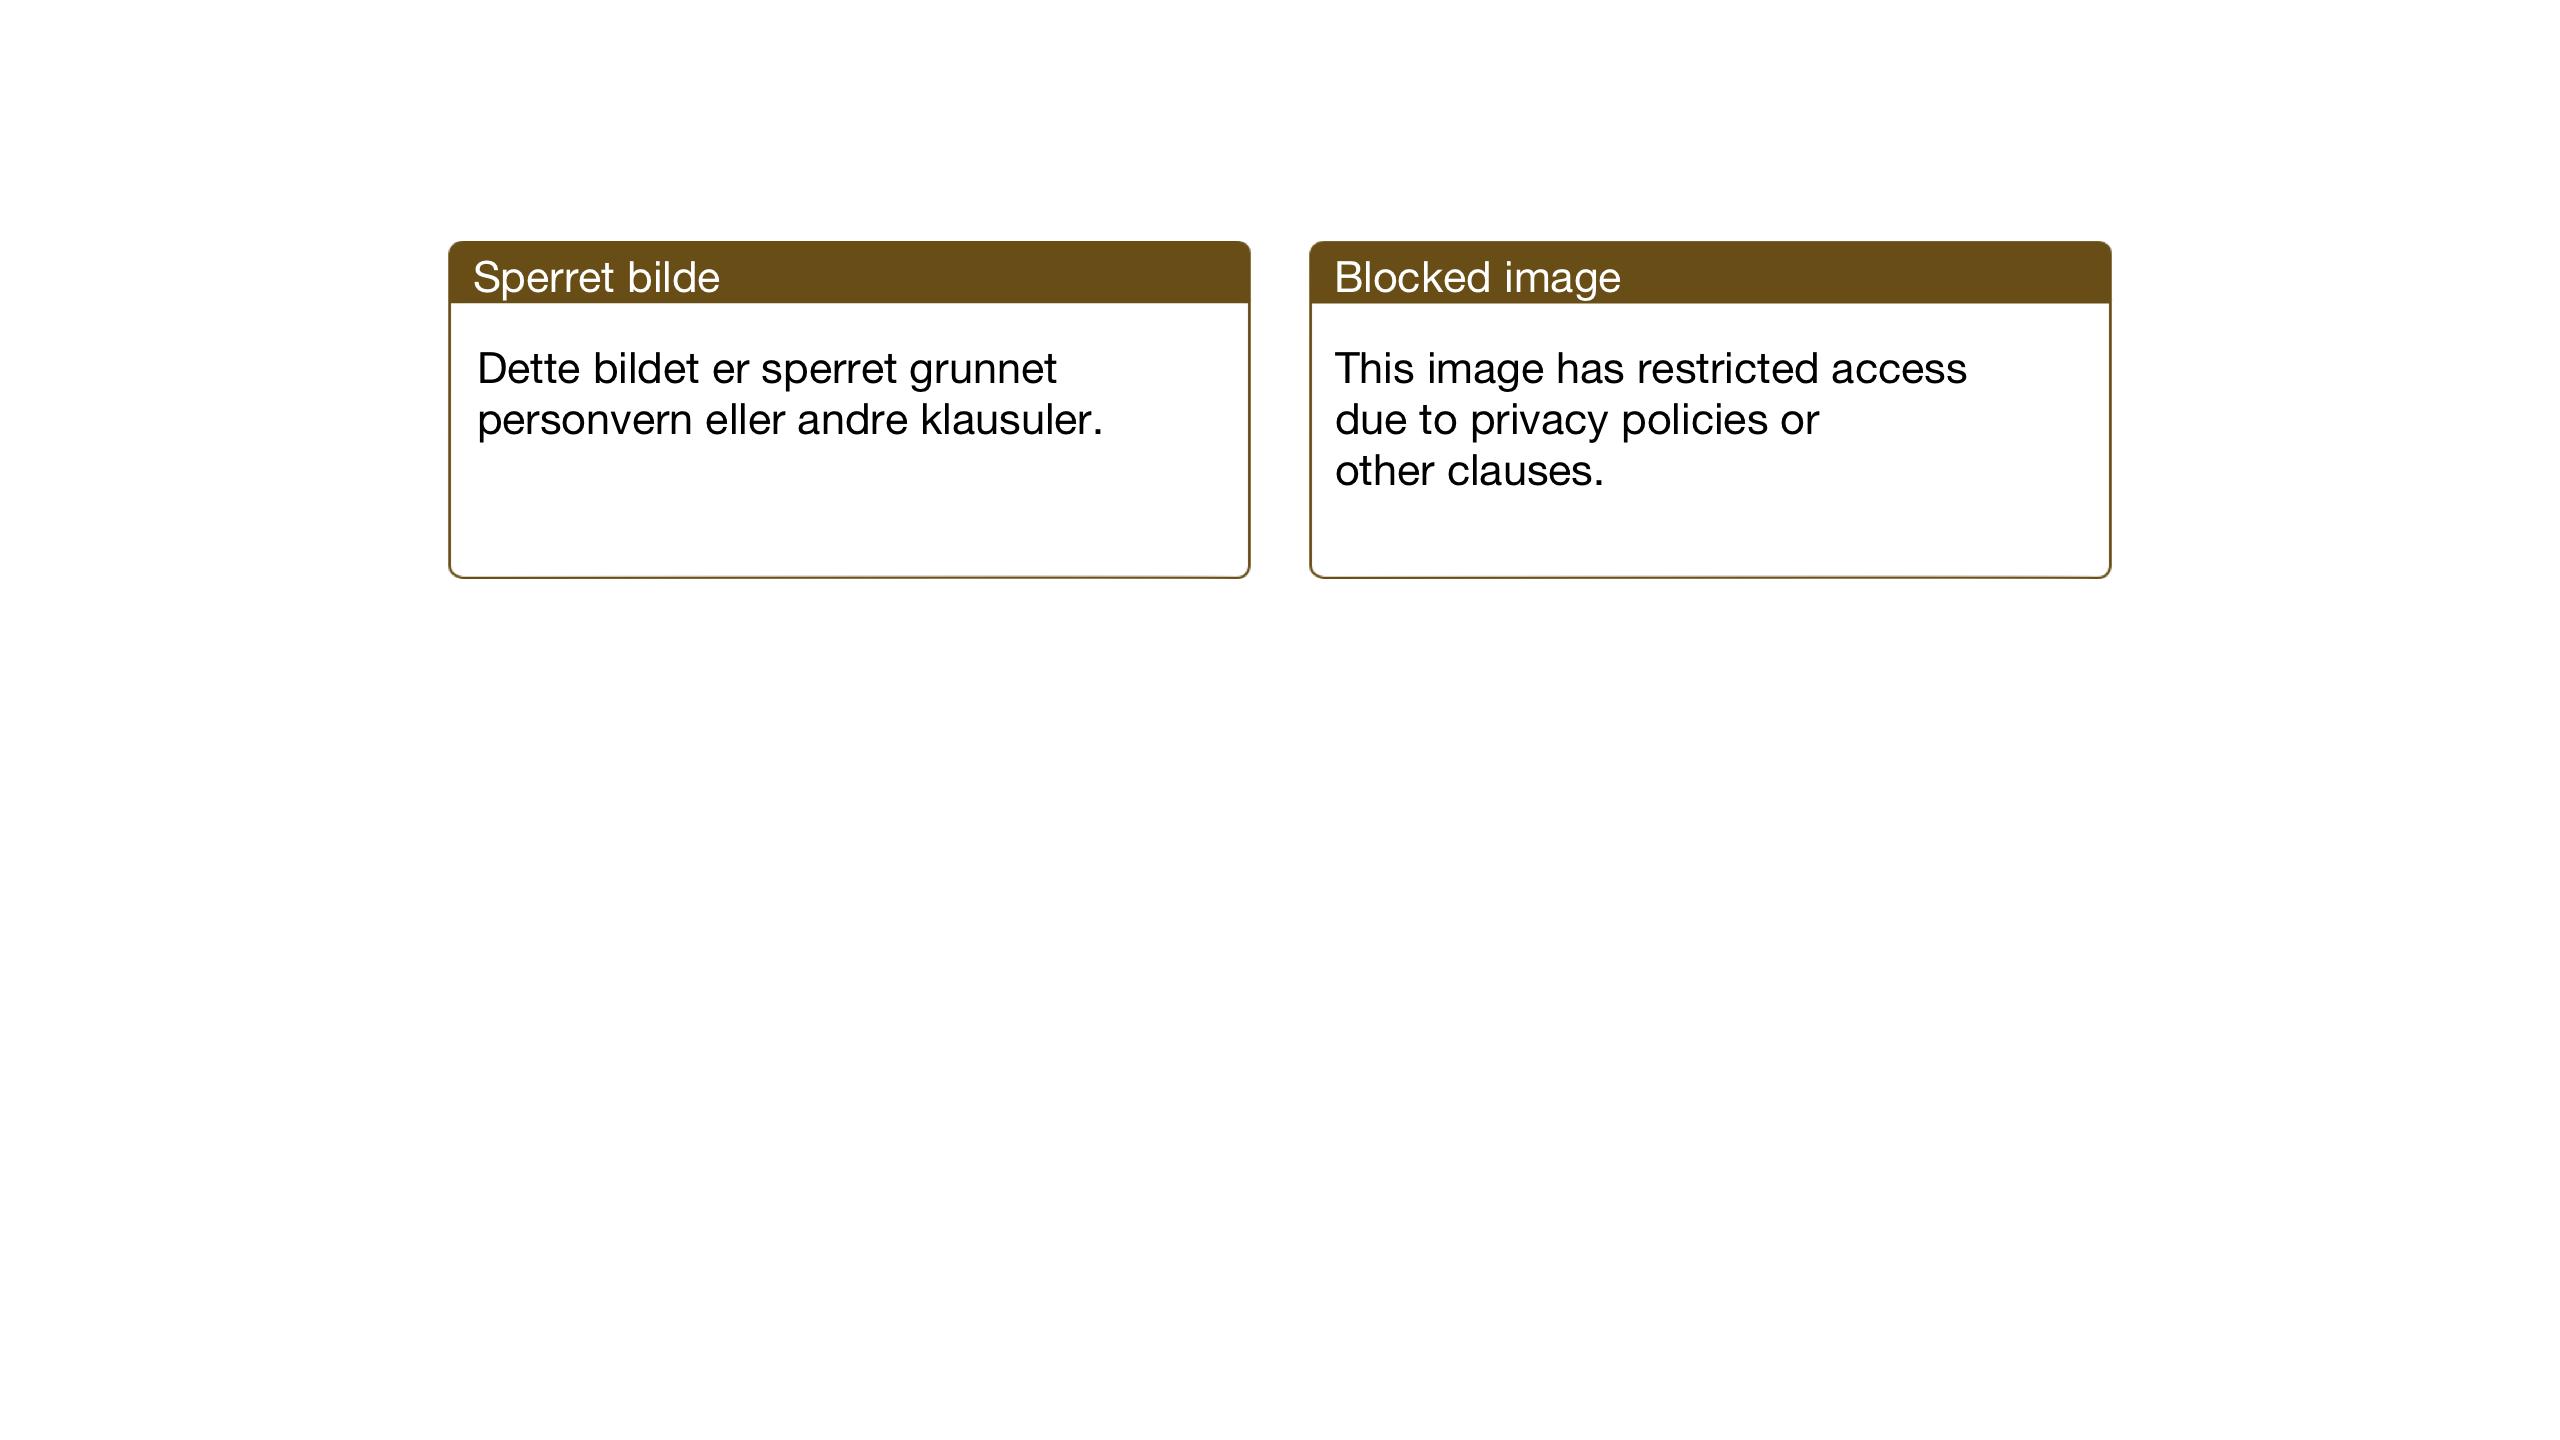 SAT, Ministerialprotokoller, klokkerbøker og fødselsregistre - Nord-Trøndelag, 741/L0403: Ministerialbok nr. 741C04, 1925-1944, s. 60